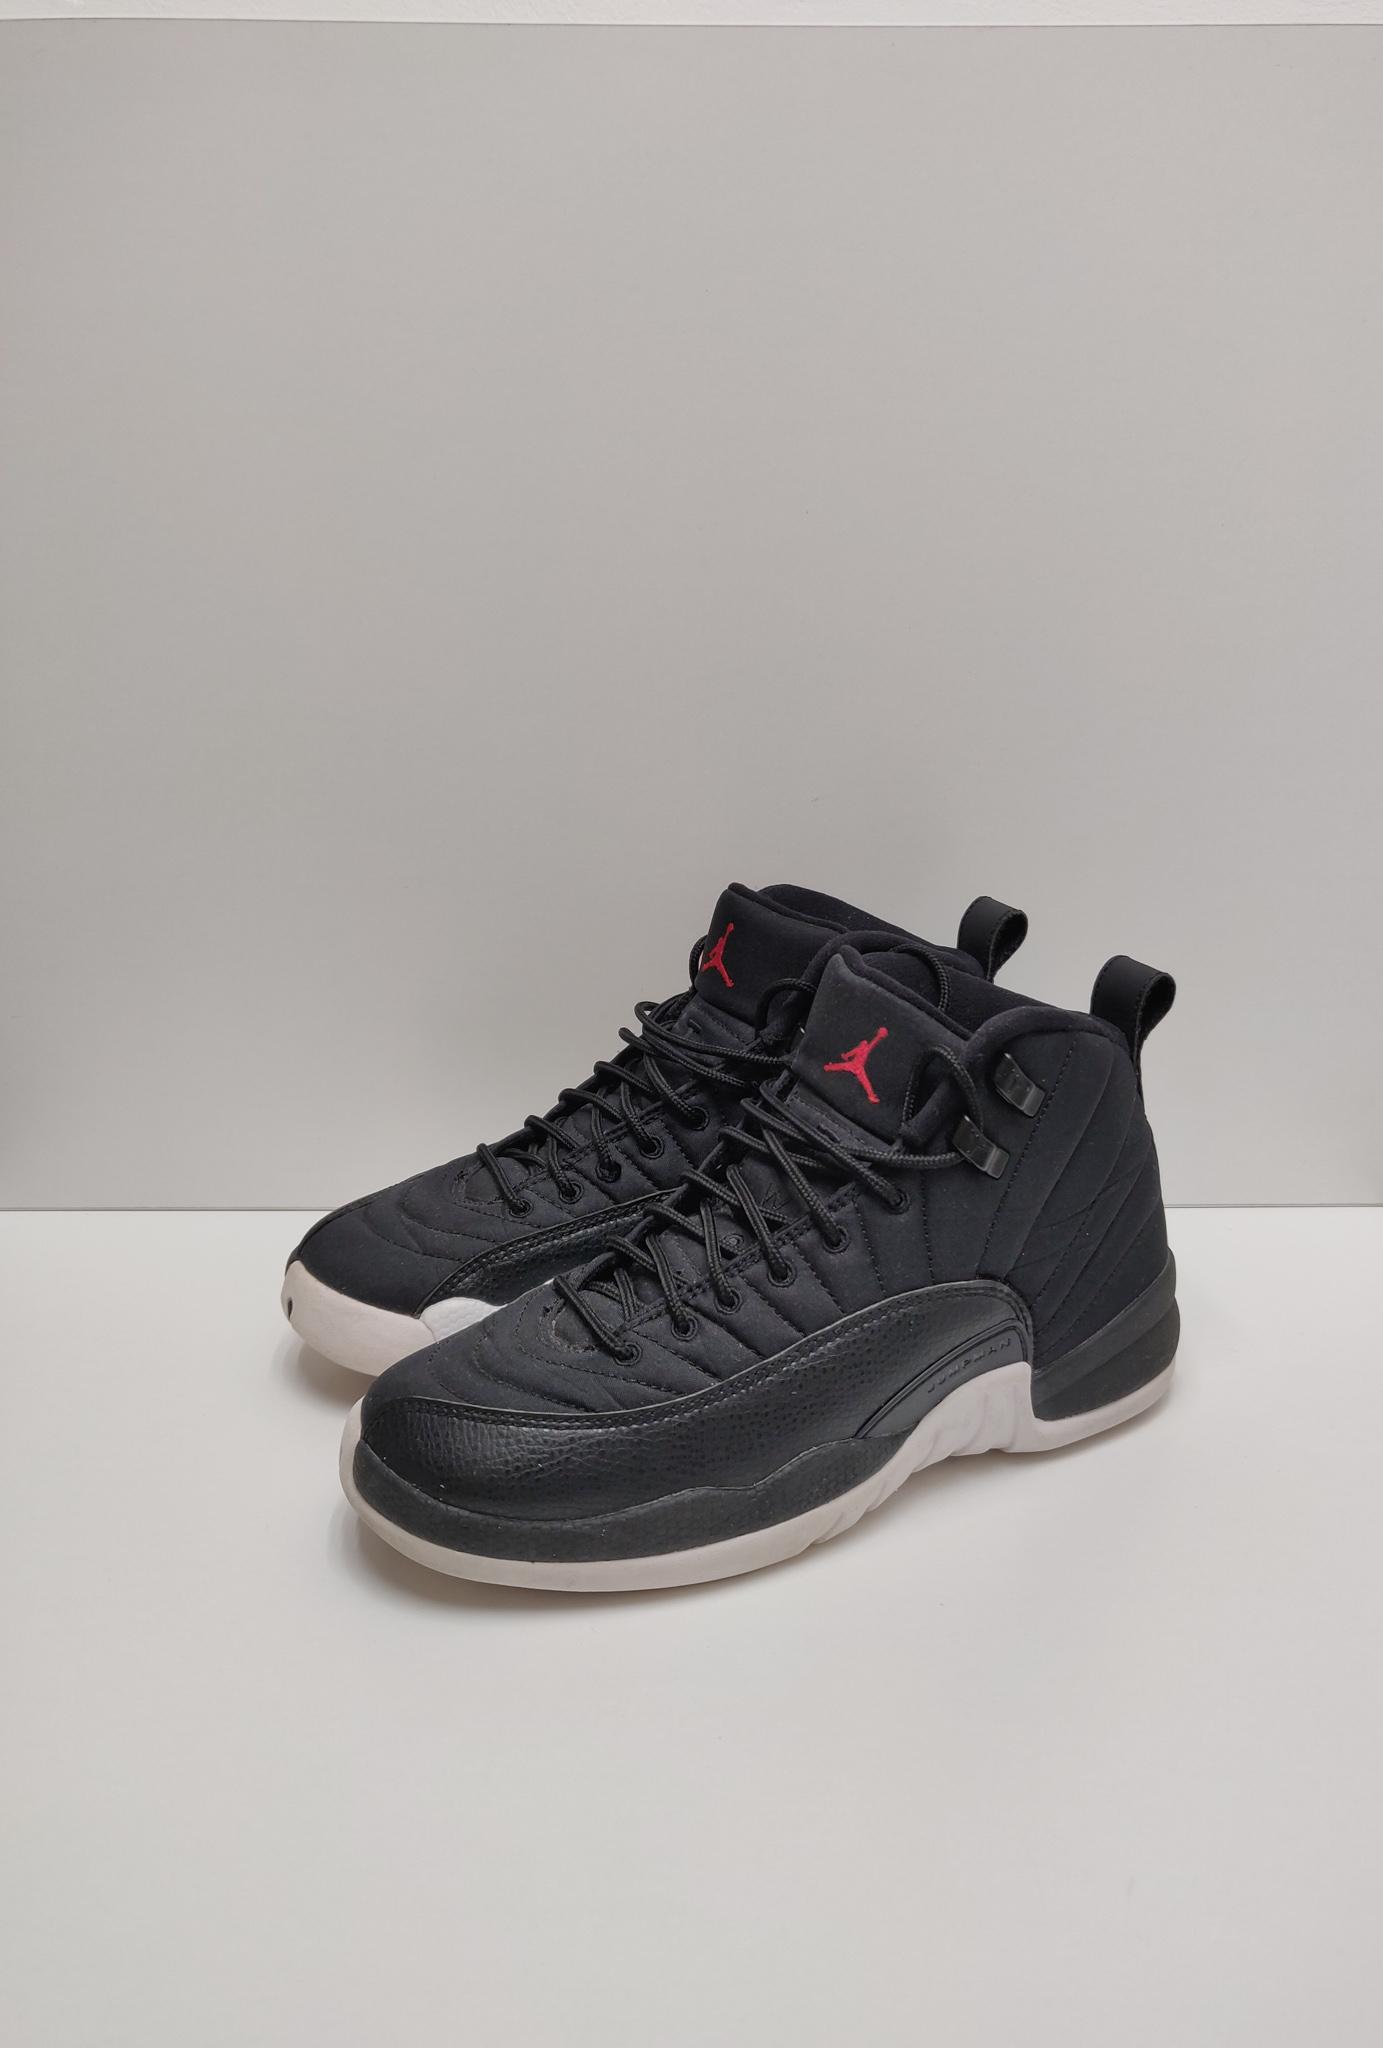 Jordan 12 Retro Nylon (GS)